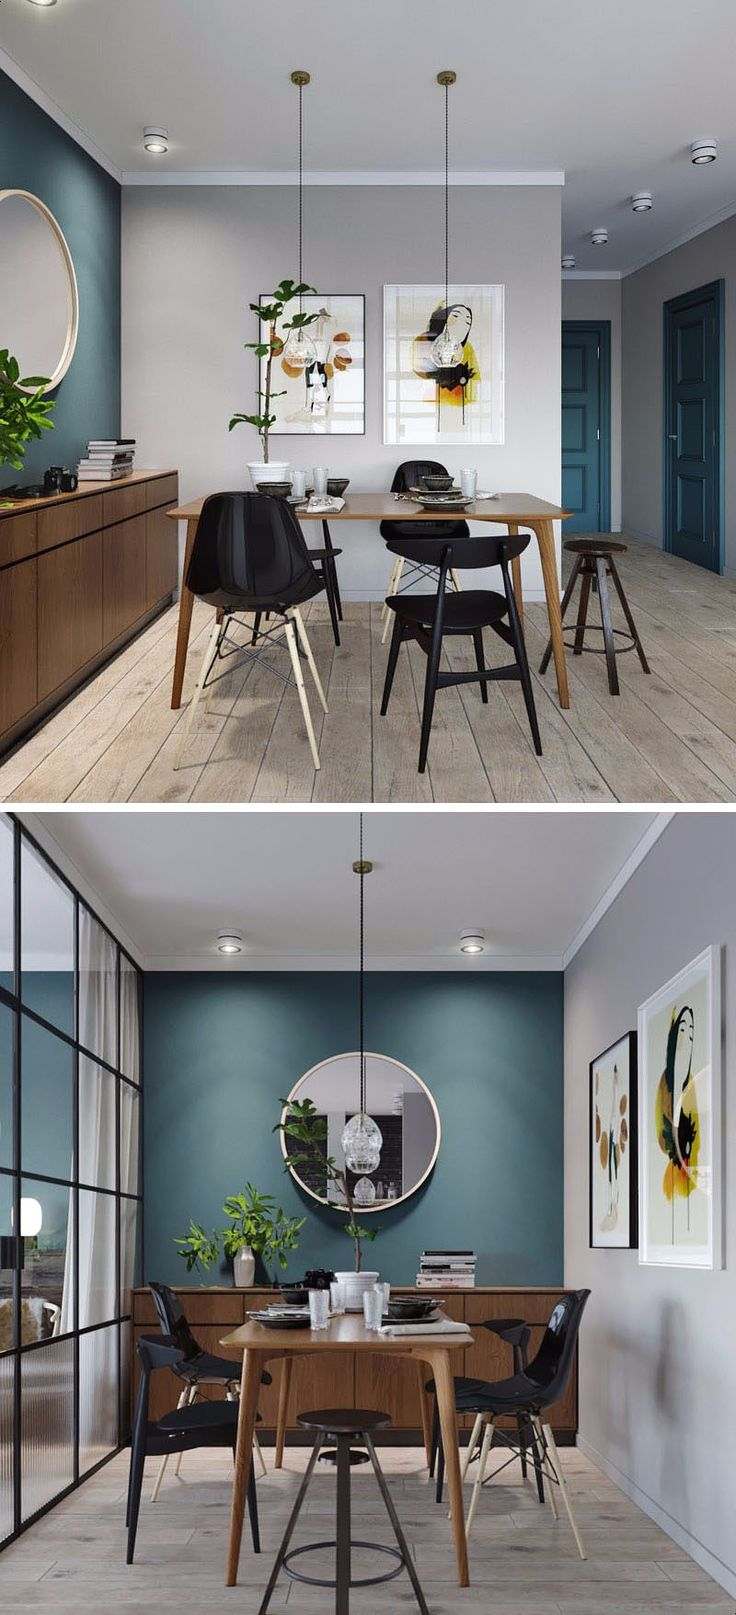 알루미늄 슬림 / 마틴 아키텍쳐(MARTIN architects) 블랙 프레임 유리벽, 독립된 침실공간을 만드는 ...